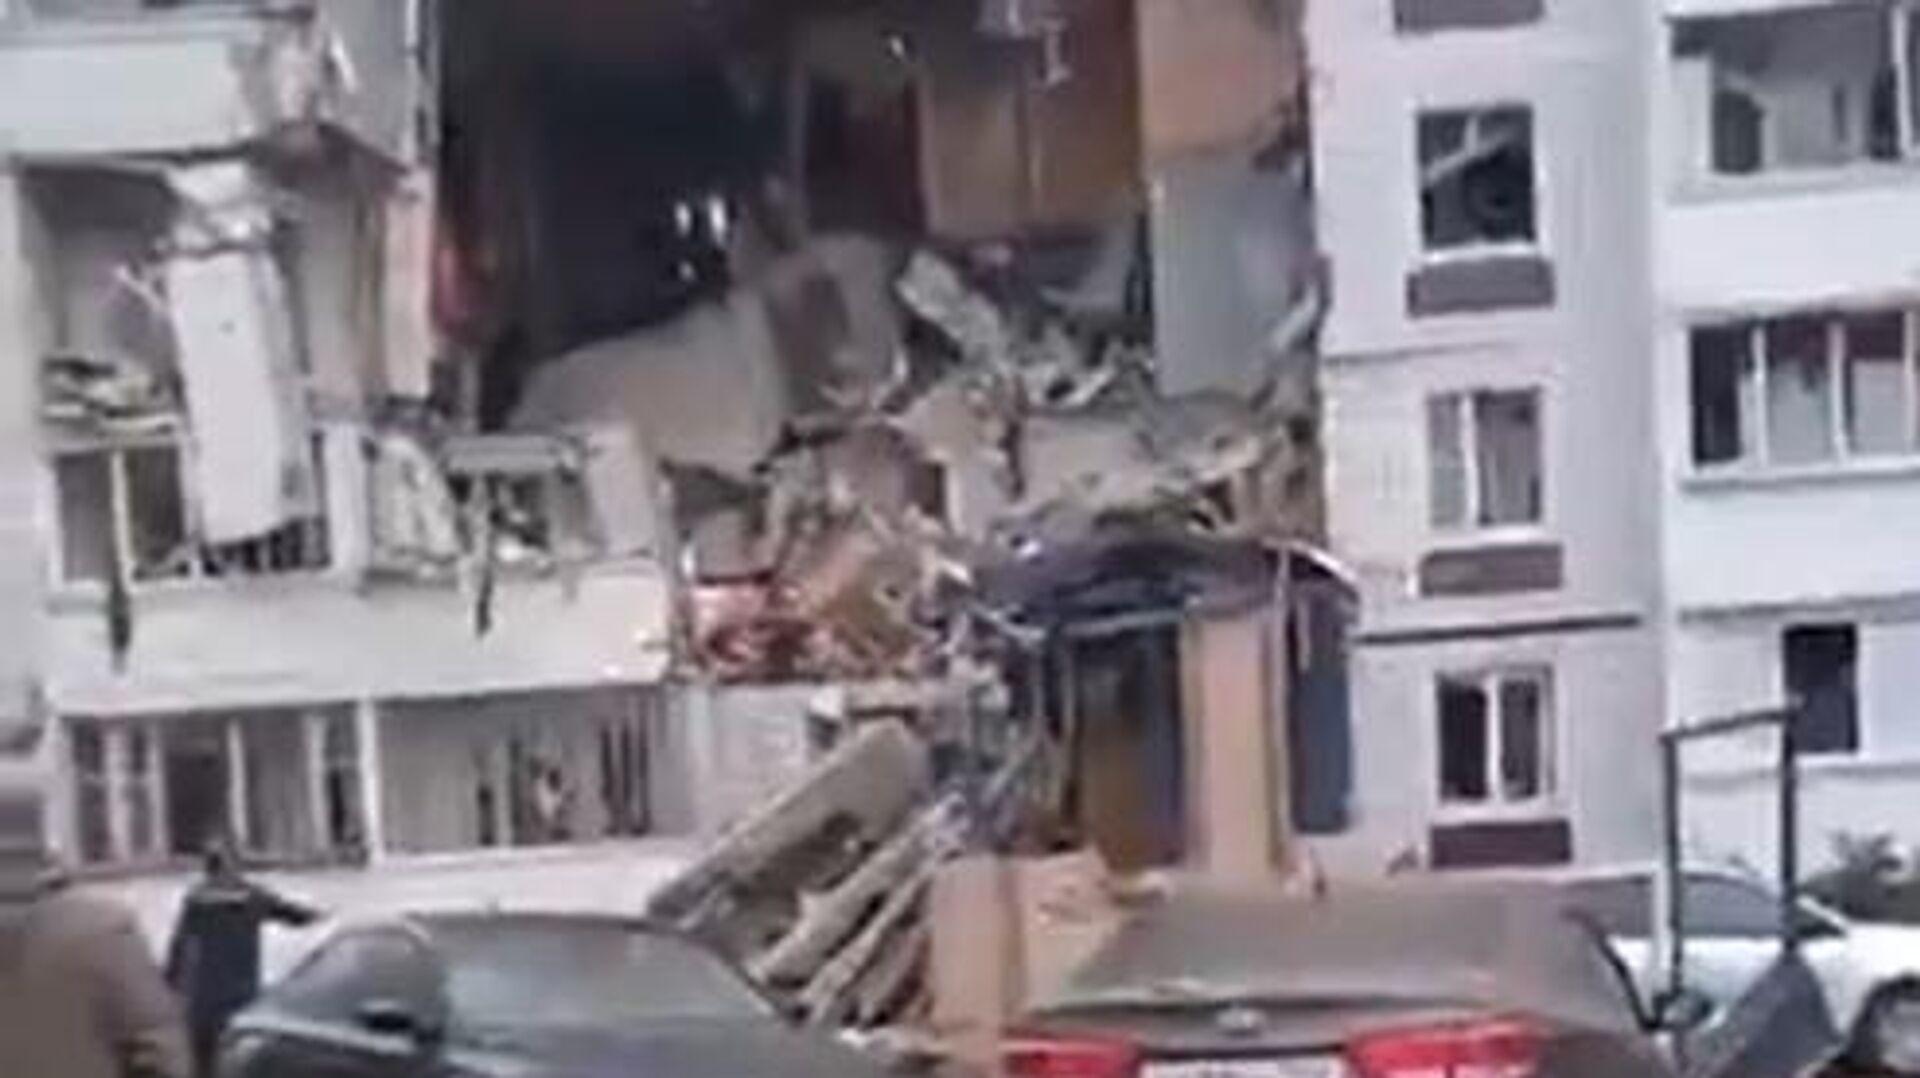 Έκρηξη φυσικού αερίου σε κτίριο στη Μόσχα - Sputnik Ελλάδα, 1920, 08.09.2021